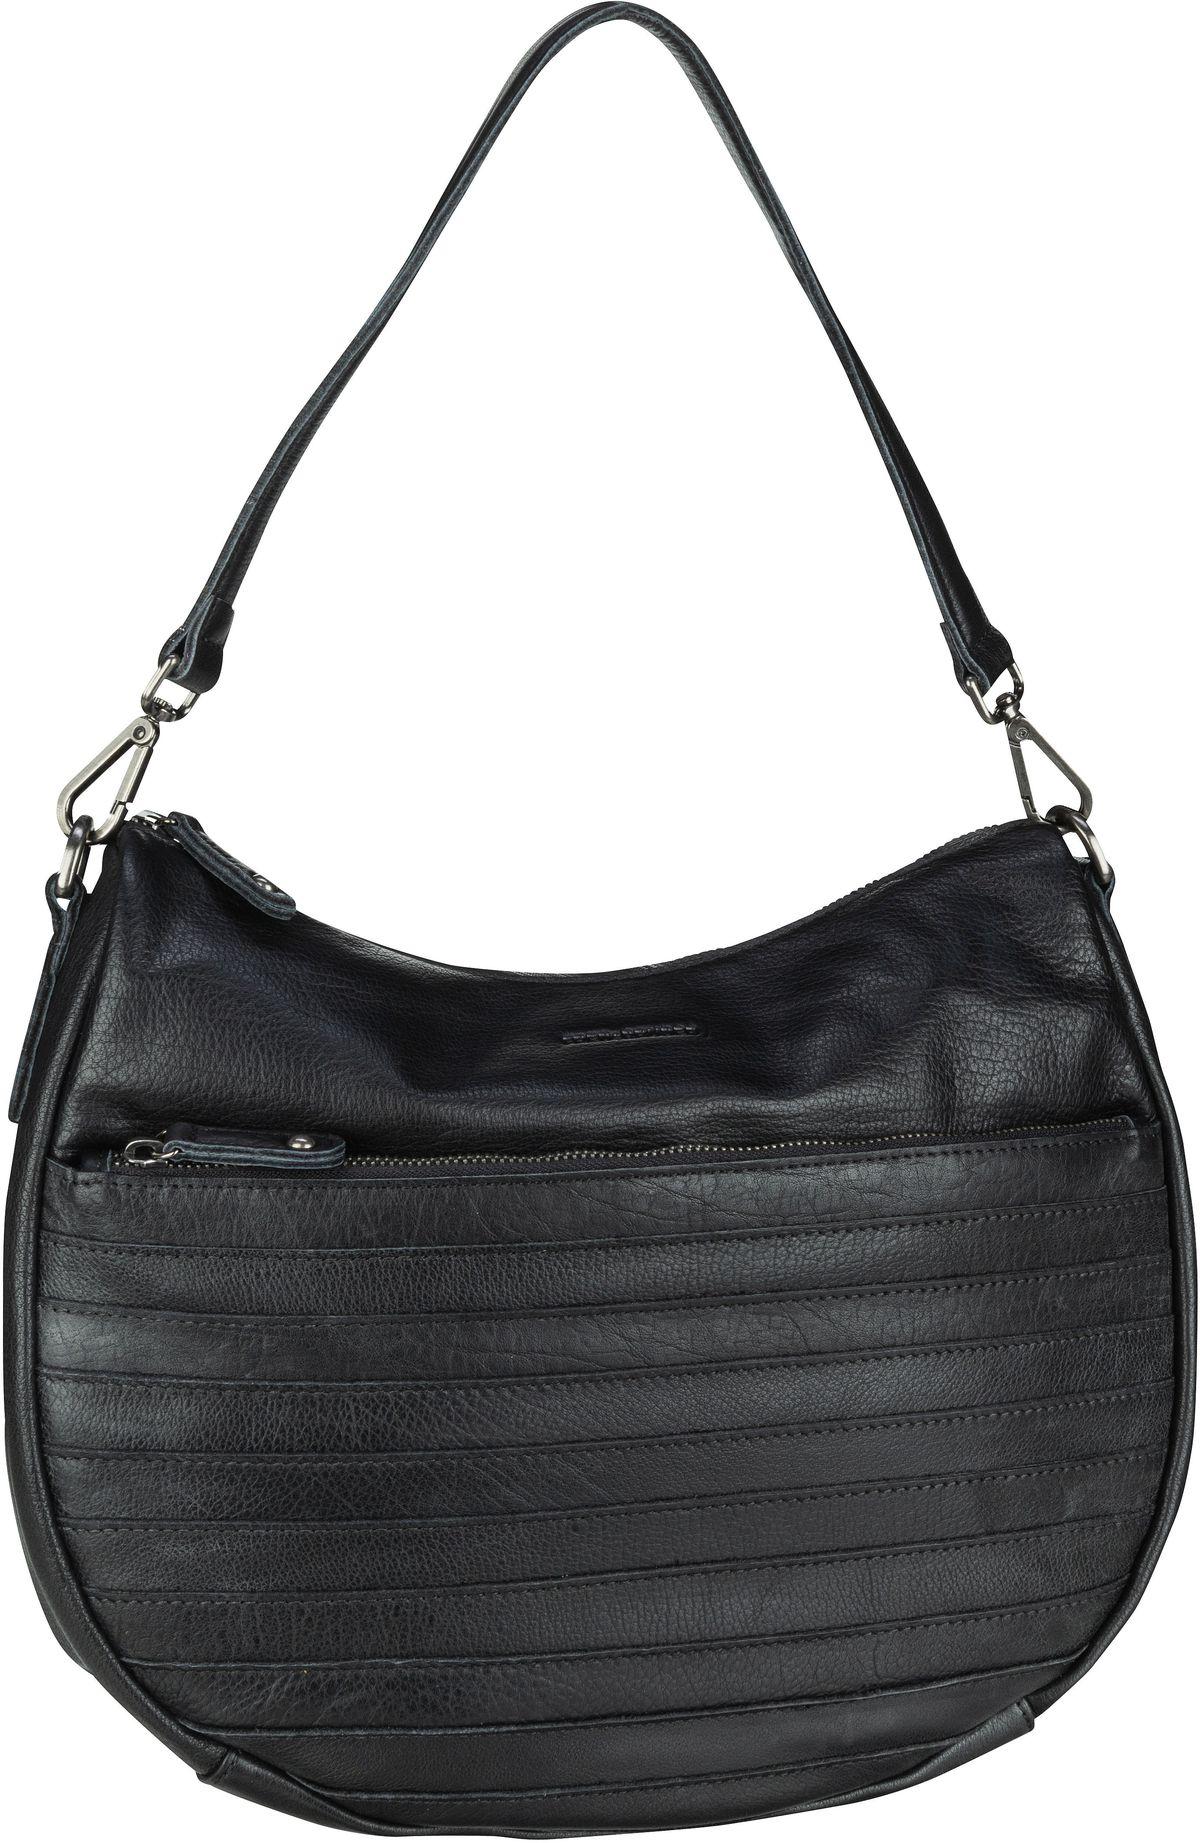 Handtasche Herzblatt Black